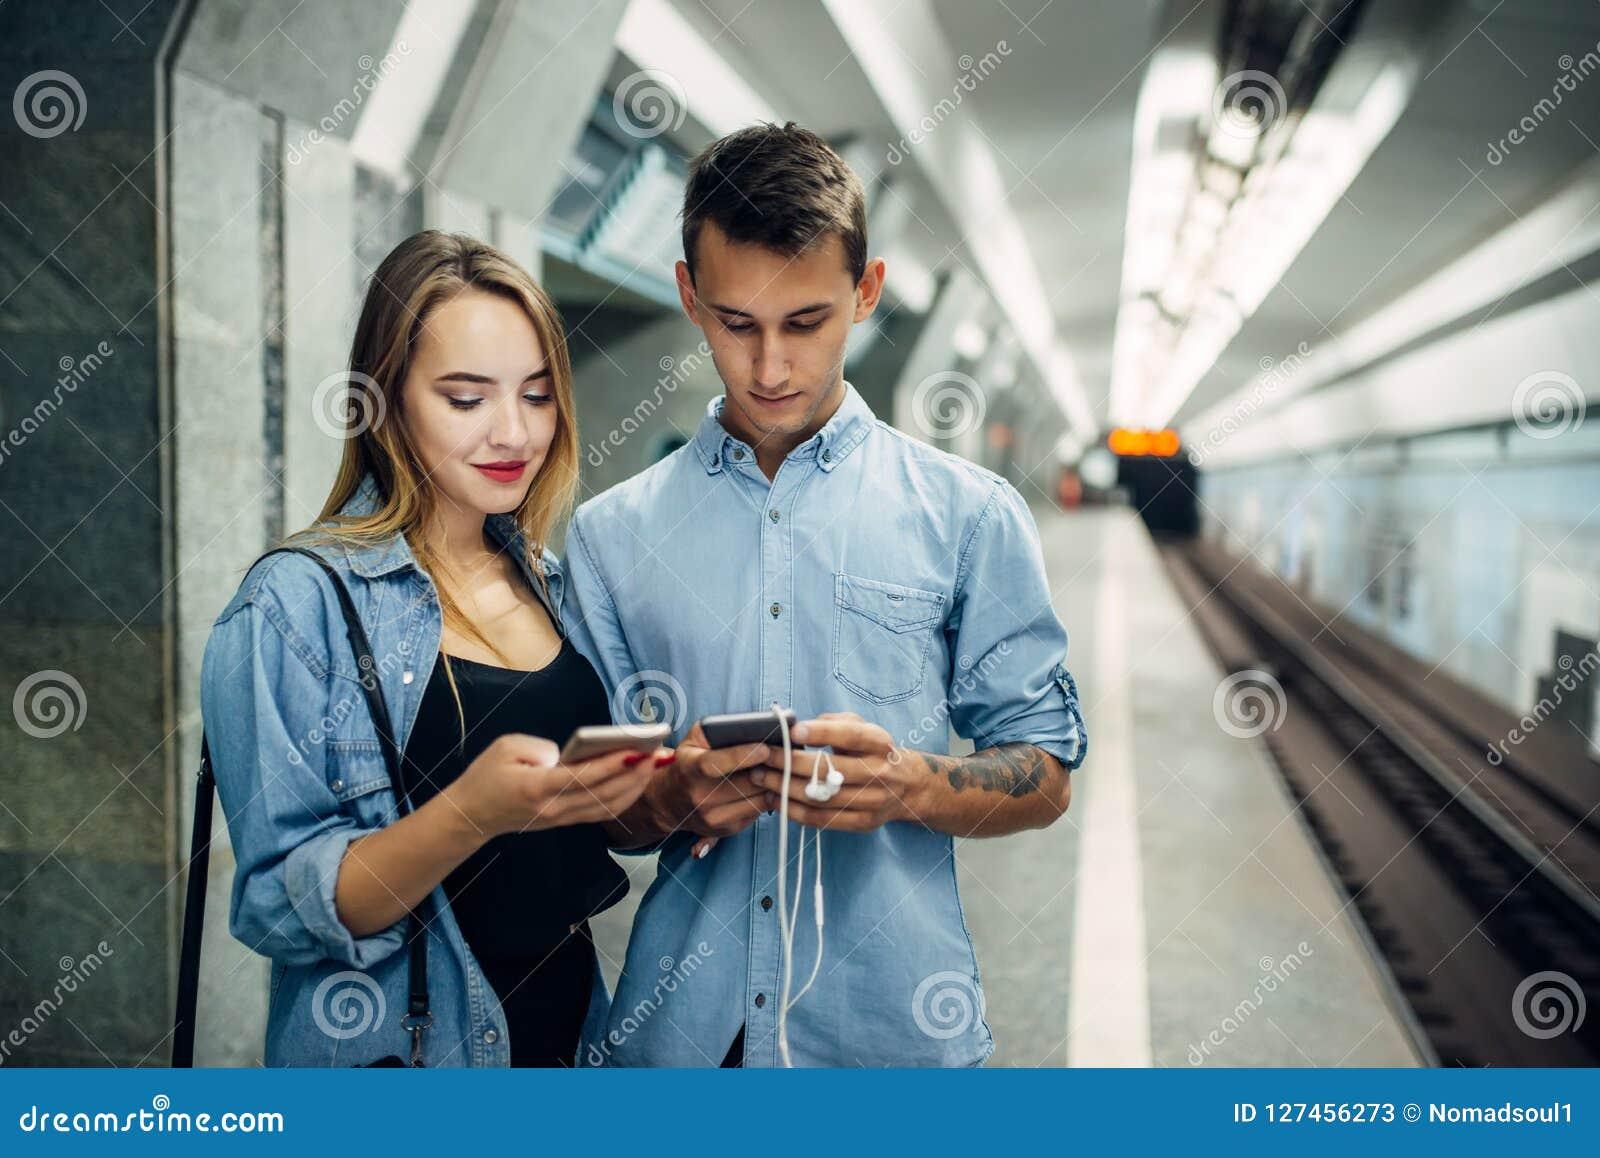 Ζεύγος τηλεφωνικών εξαρτημένων που χρησιμοποιεί τη συσκευή στον υπόγειο